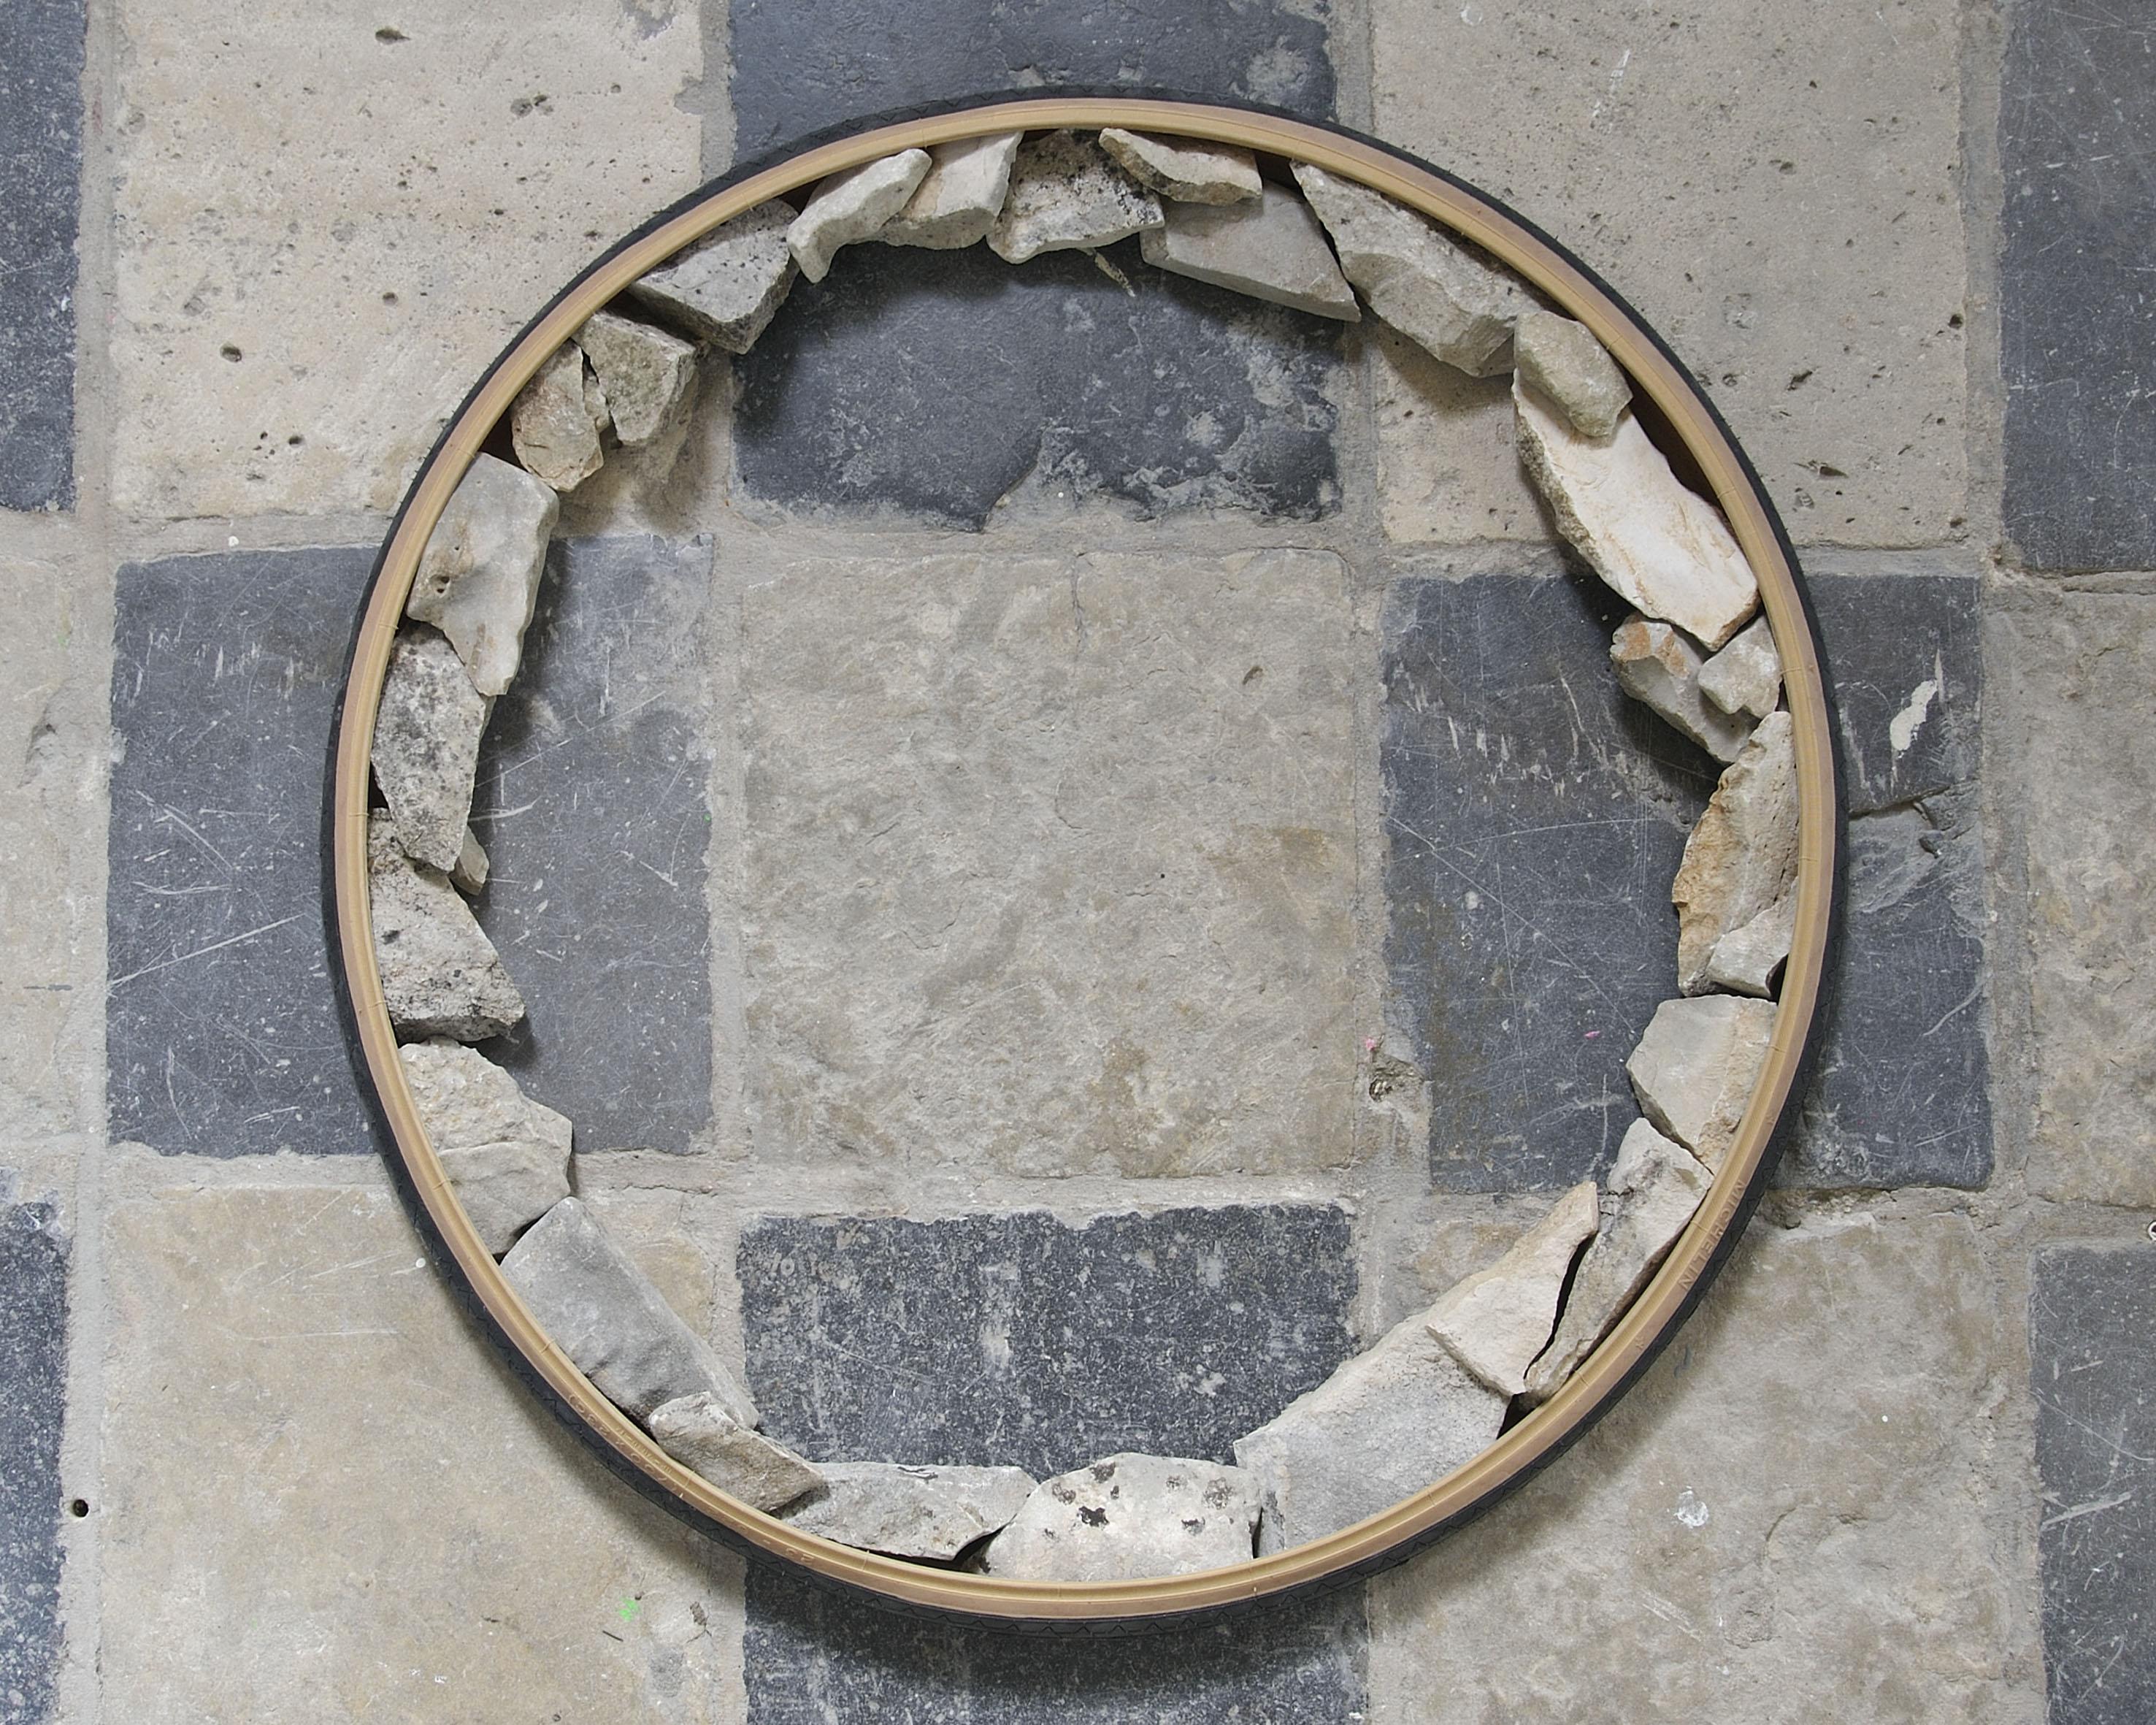 Copertone concerchio di pietre, 2010